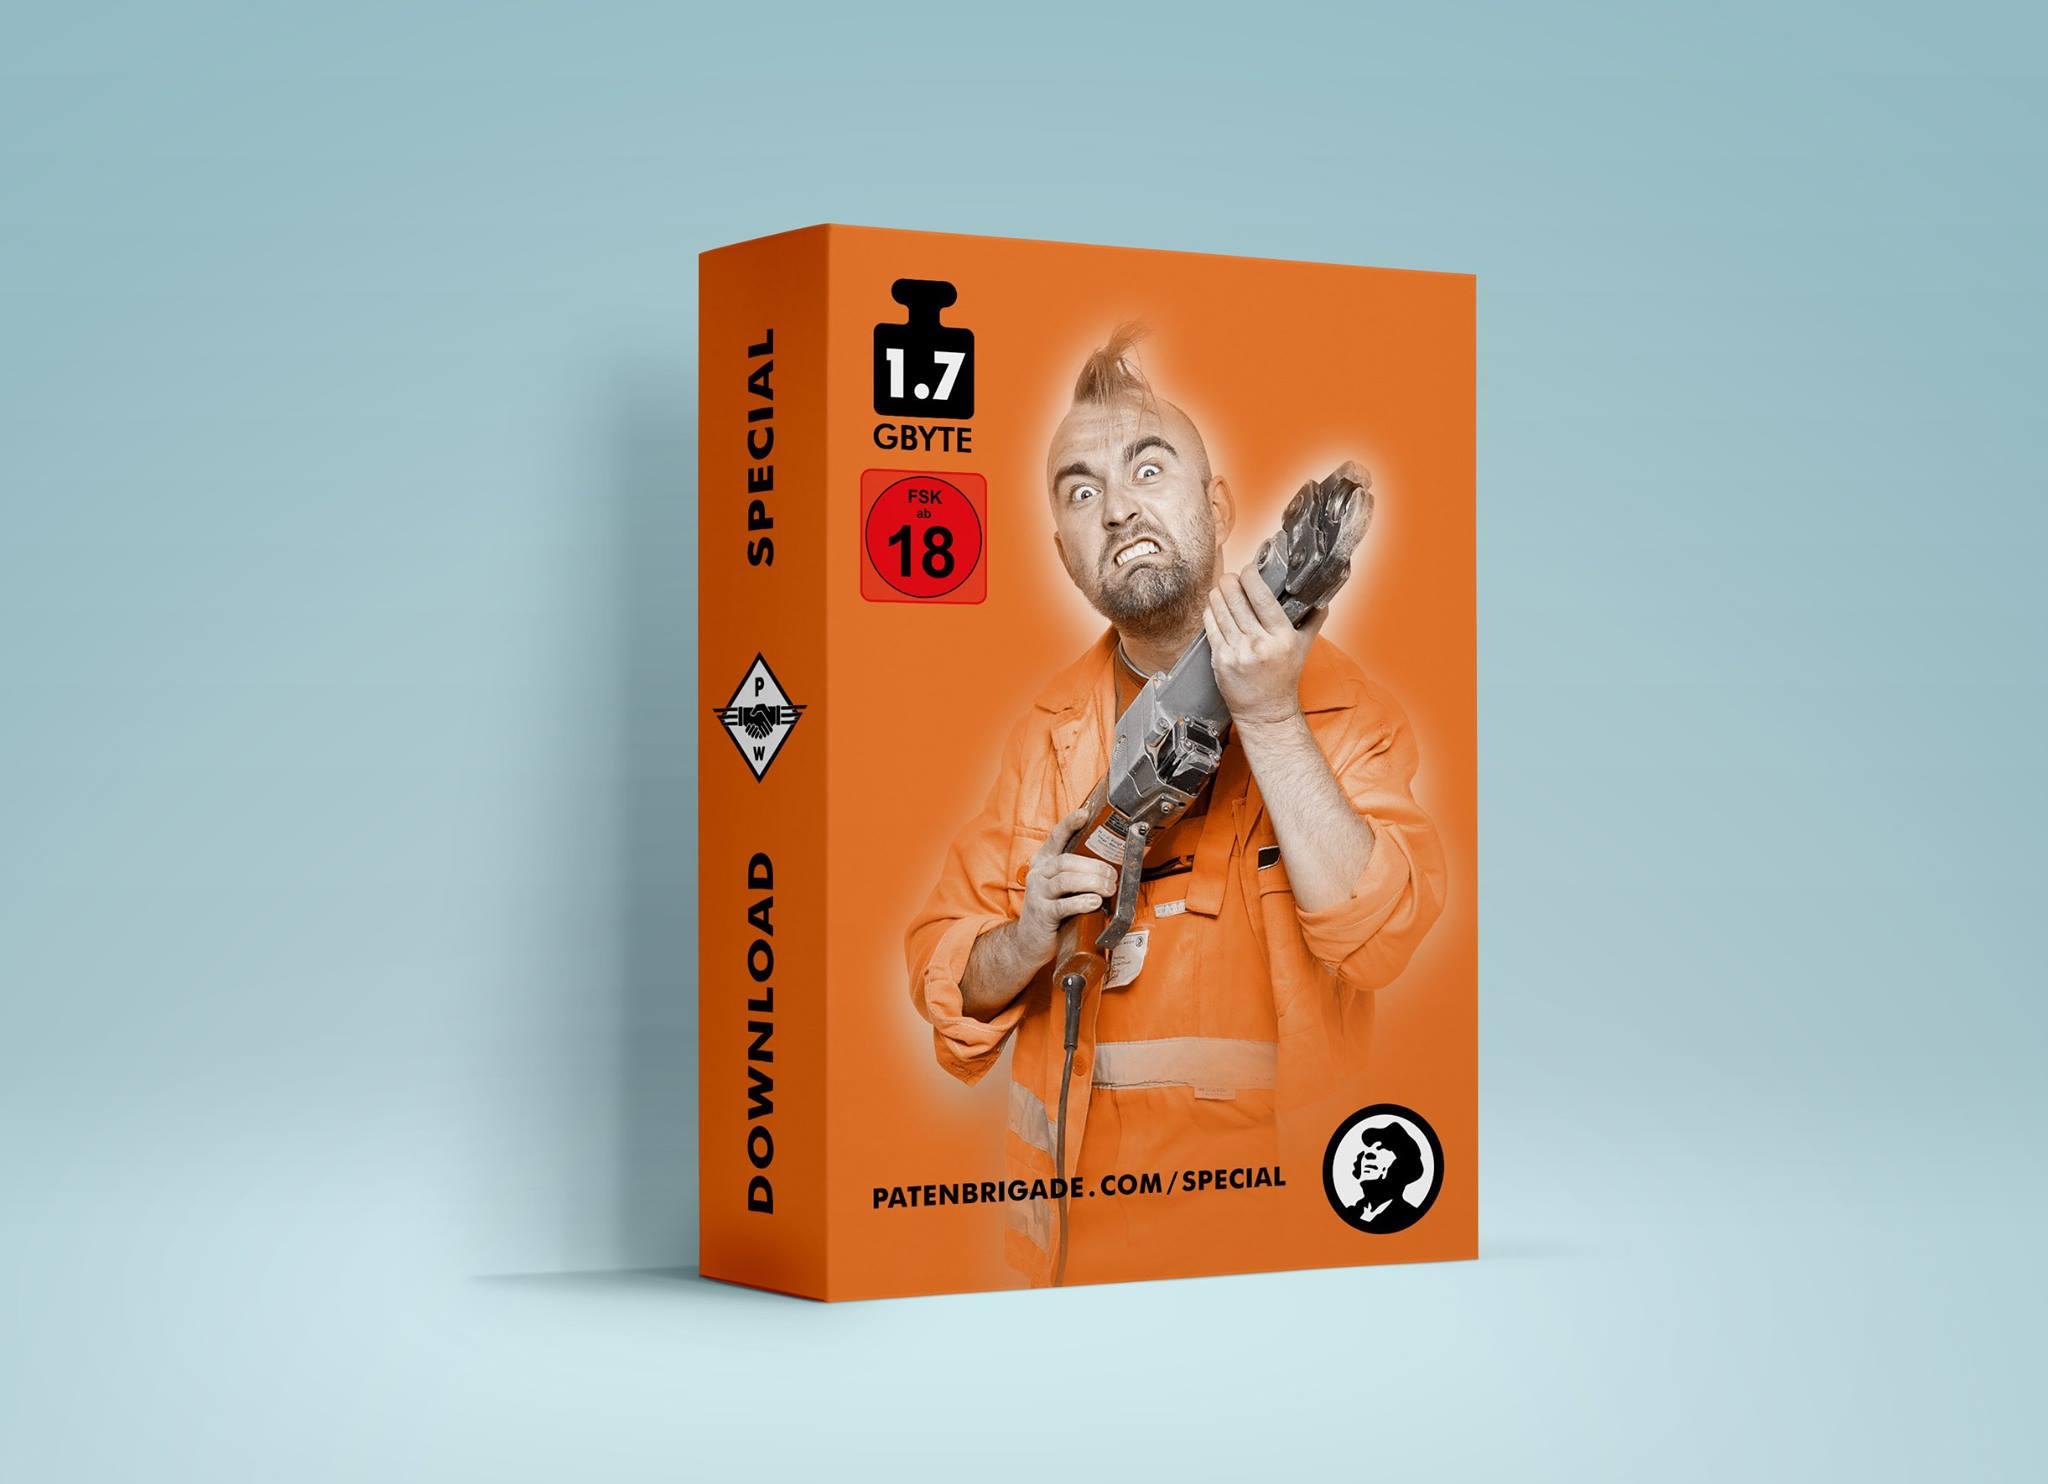 Alle Alben von PATENBRIGADE: WOLFF im Sonderangebot